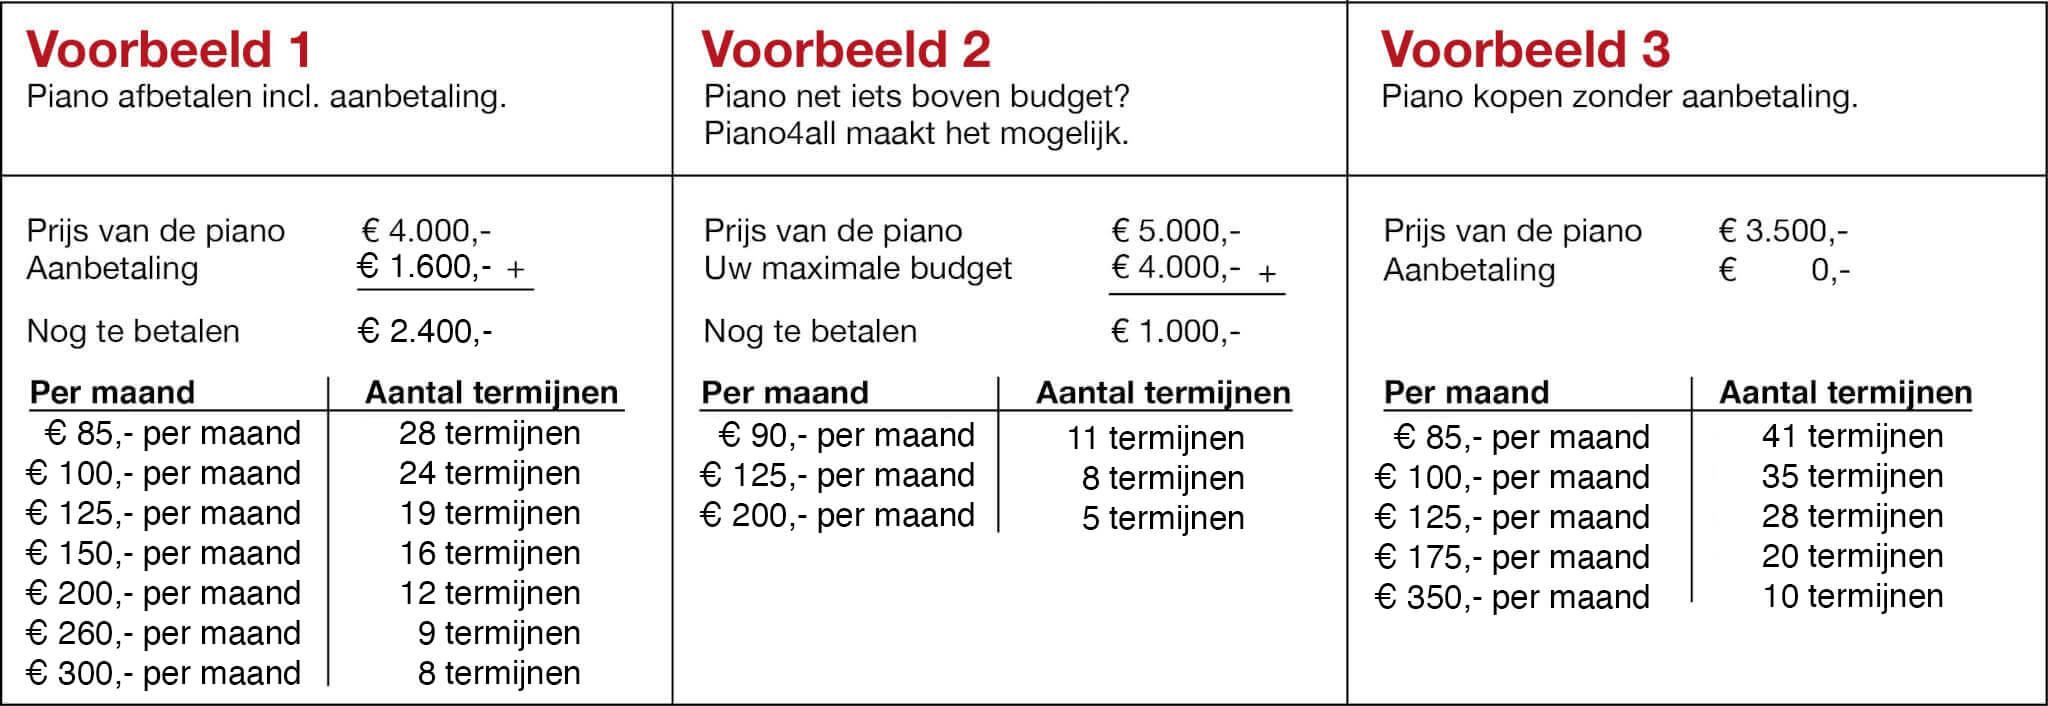 Piano afbetalen